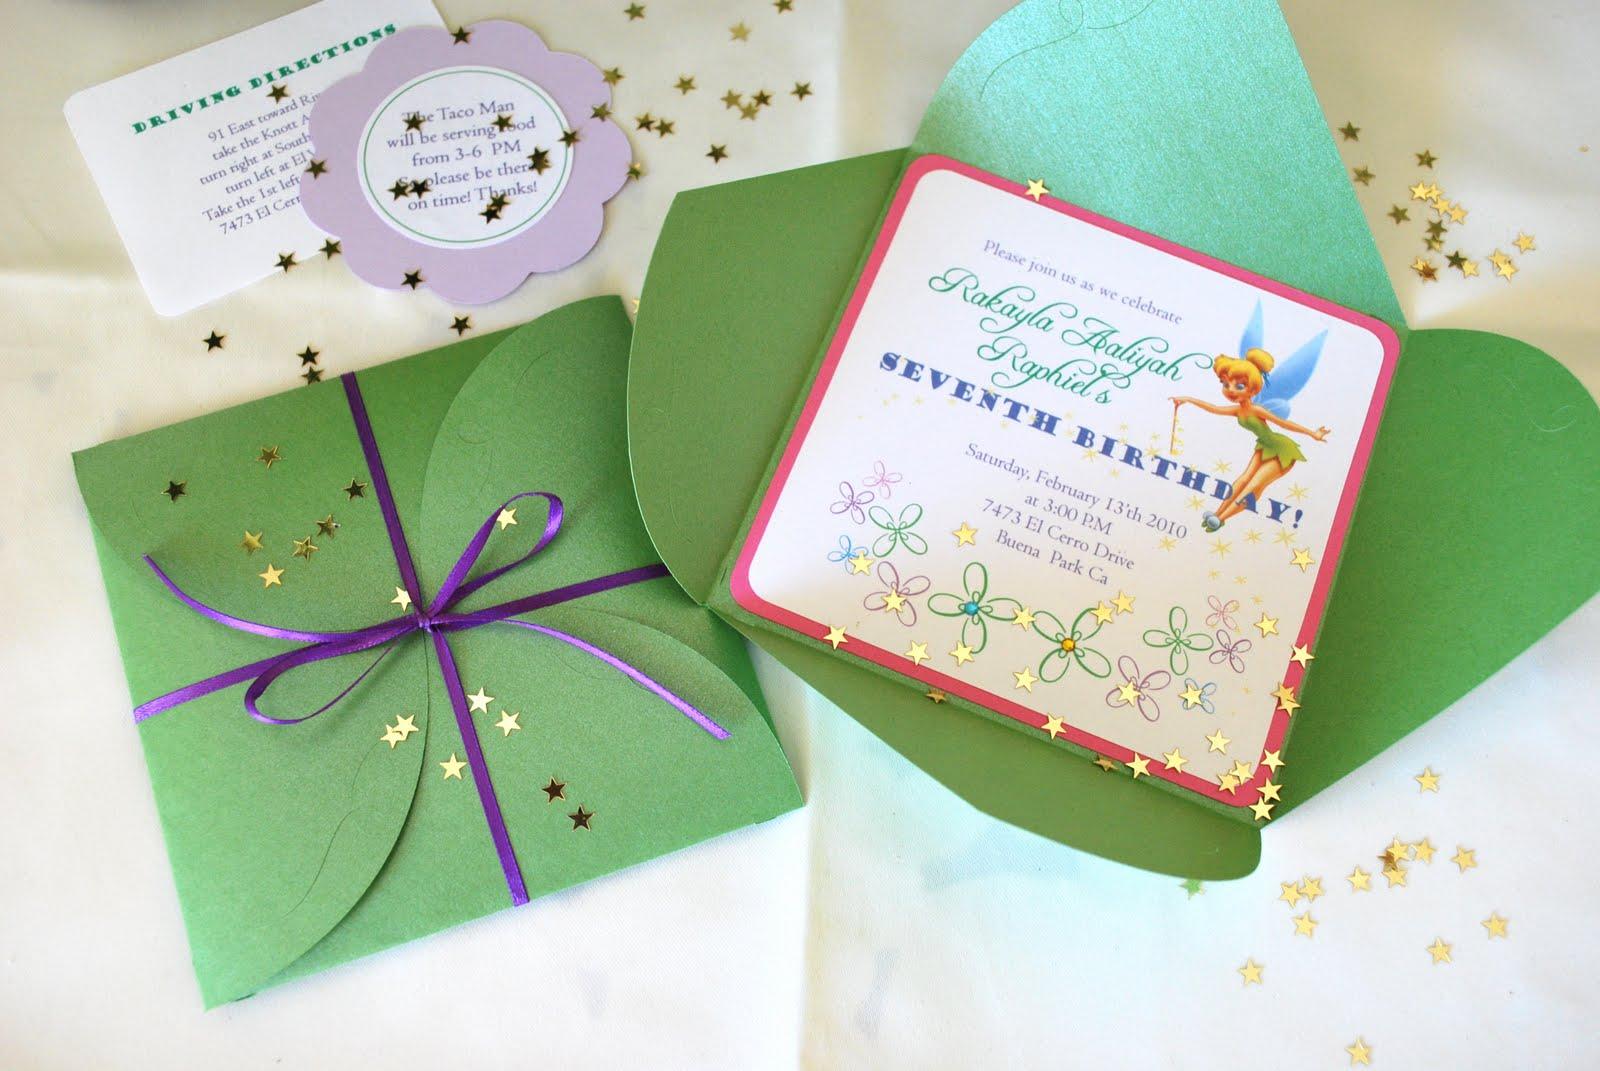 7th birthday invitation souverazzi